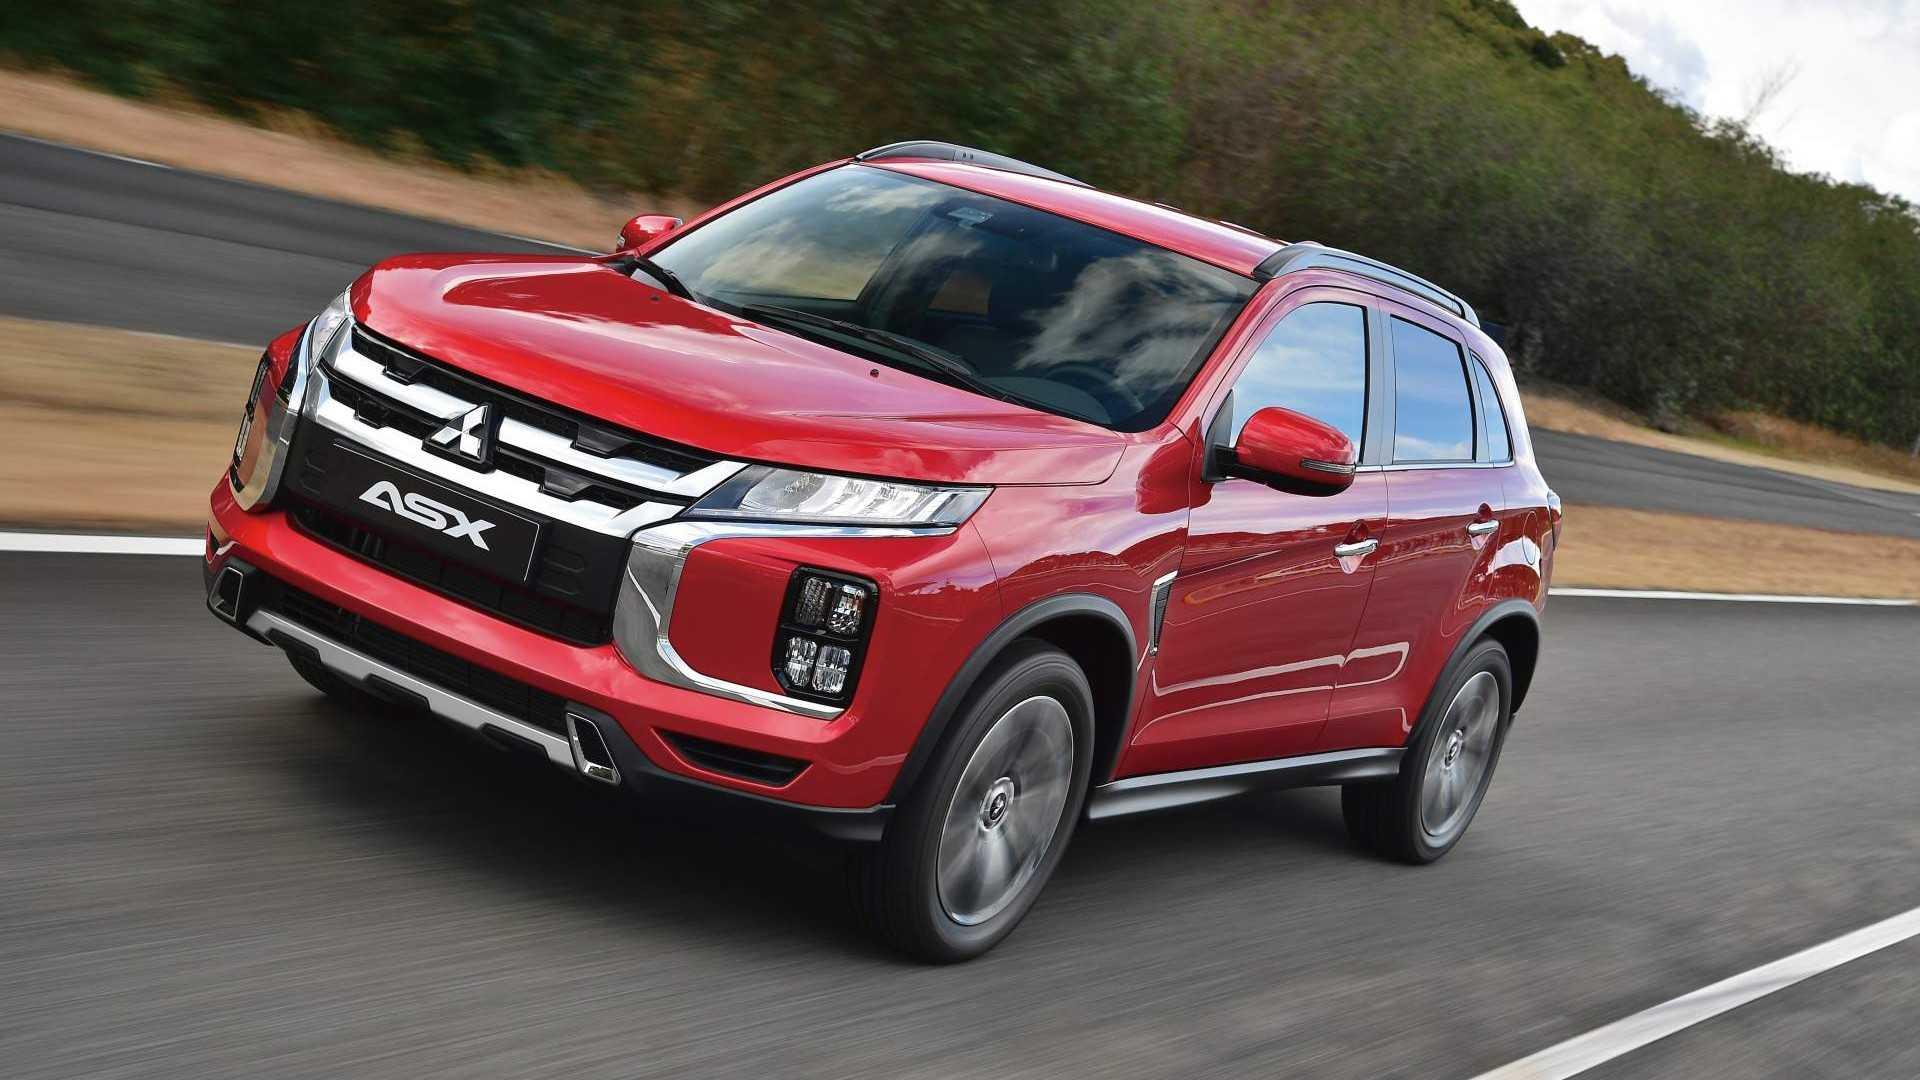 57 Great Mitsubishi Motors 2020 Specs and Review by Mitsubishi Motors 2020